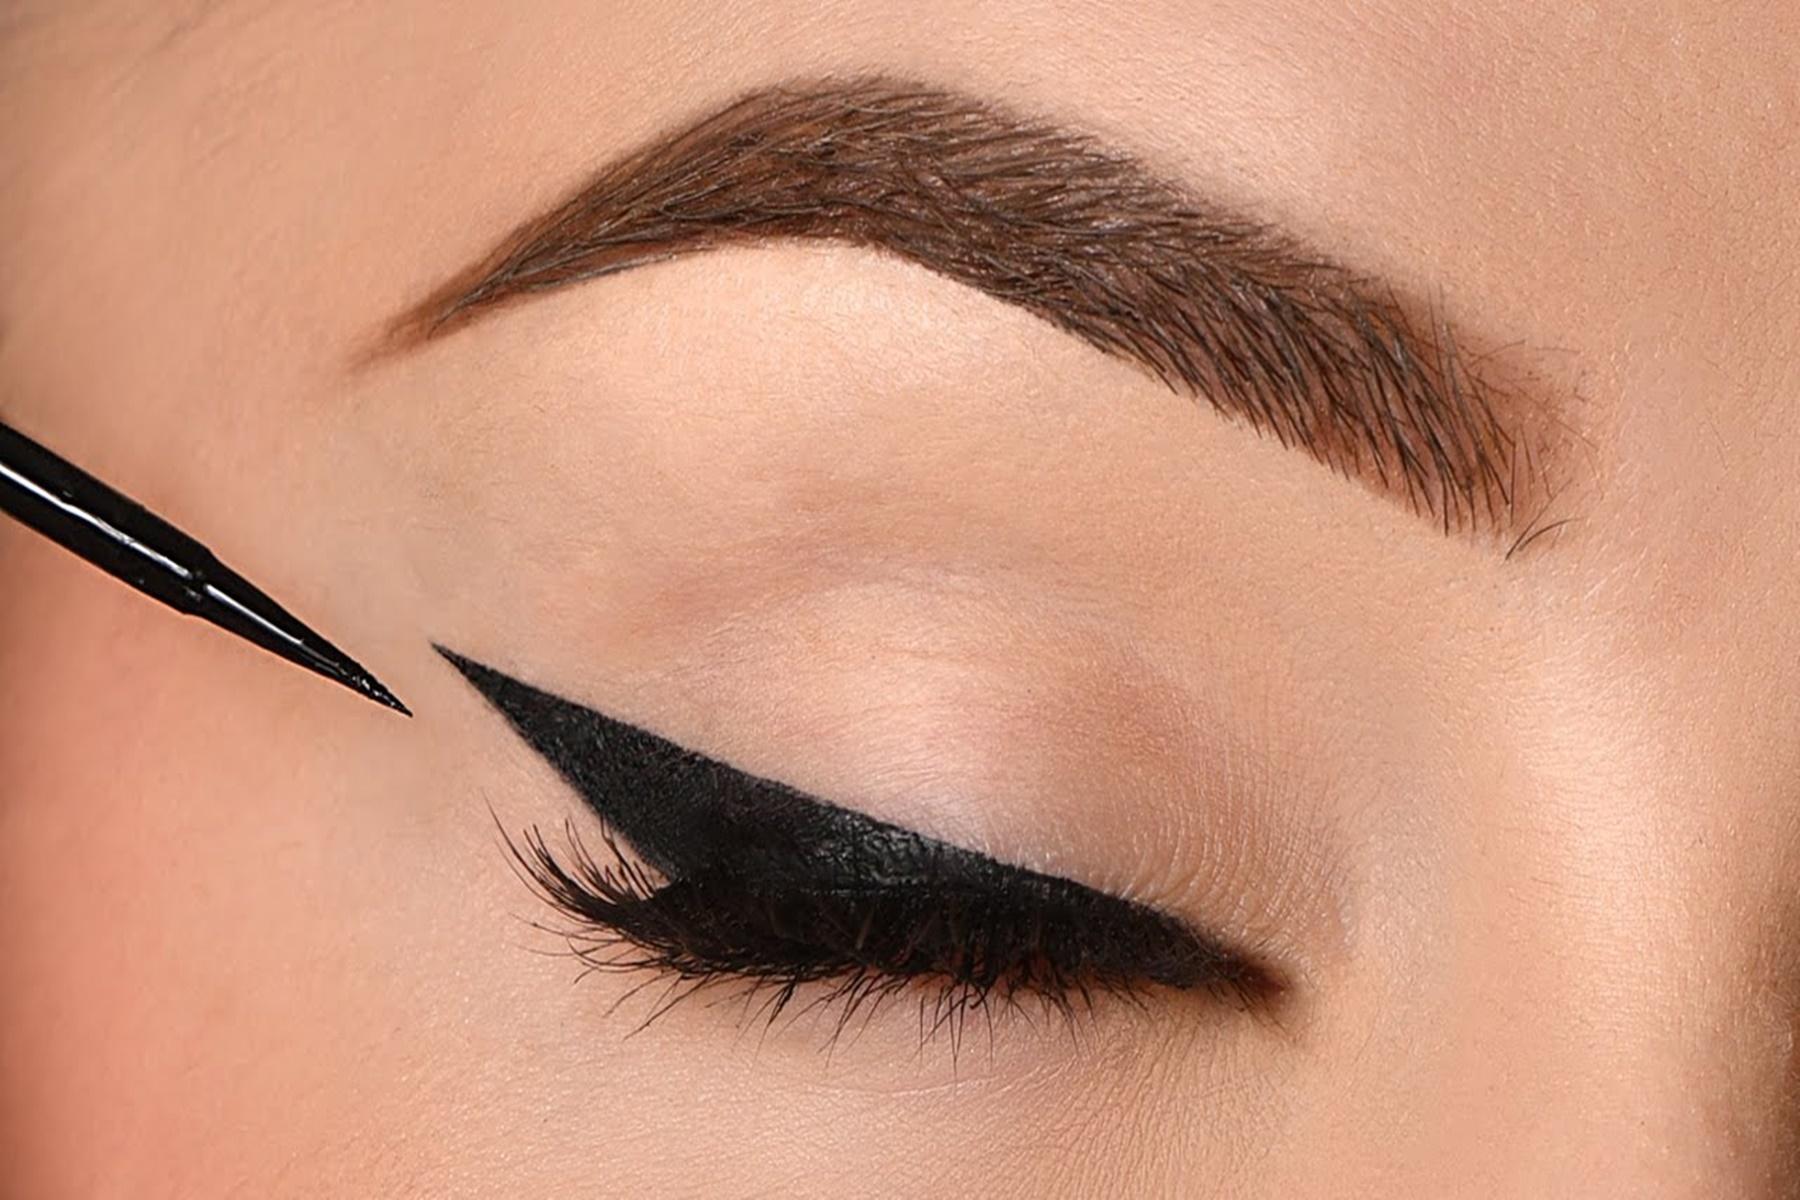 Μακιγιάζ ματιών : Συμβουλές για να βάζεις σωστά το Eye-liner